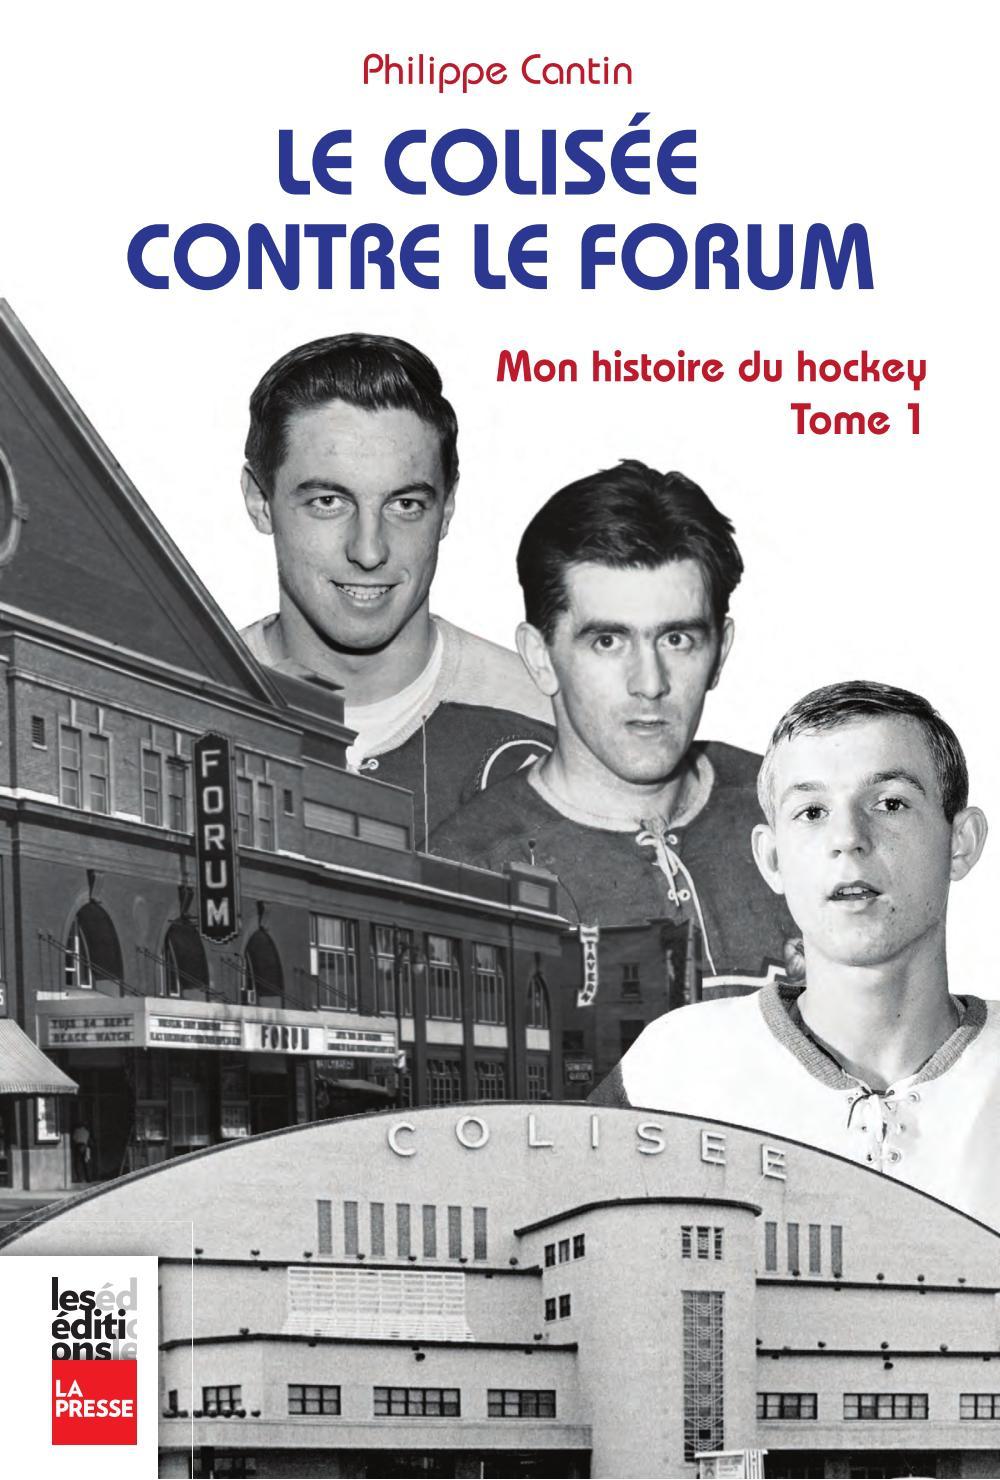 Le Colisée contre le Forum, Mon histoire du hockey, tome 1